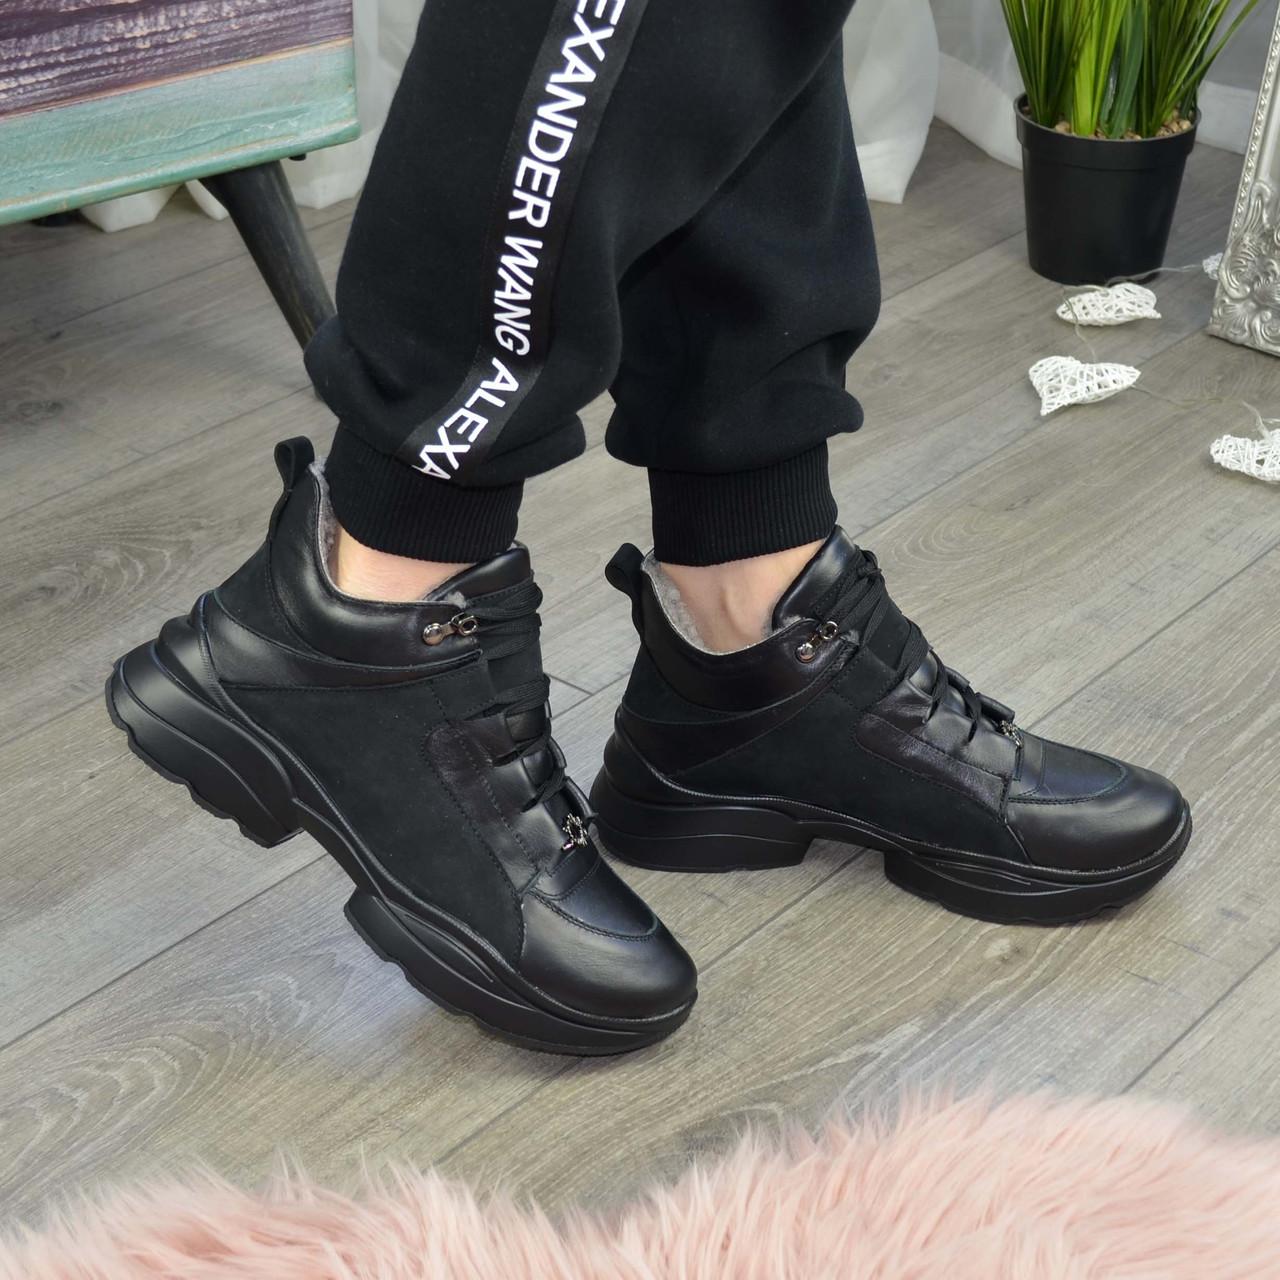 Ботинки женские комбинированные спортивного стиля, цвет черный